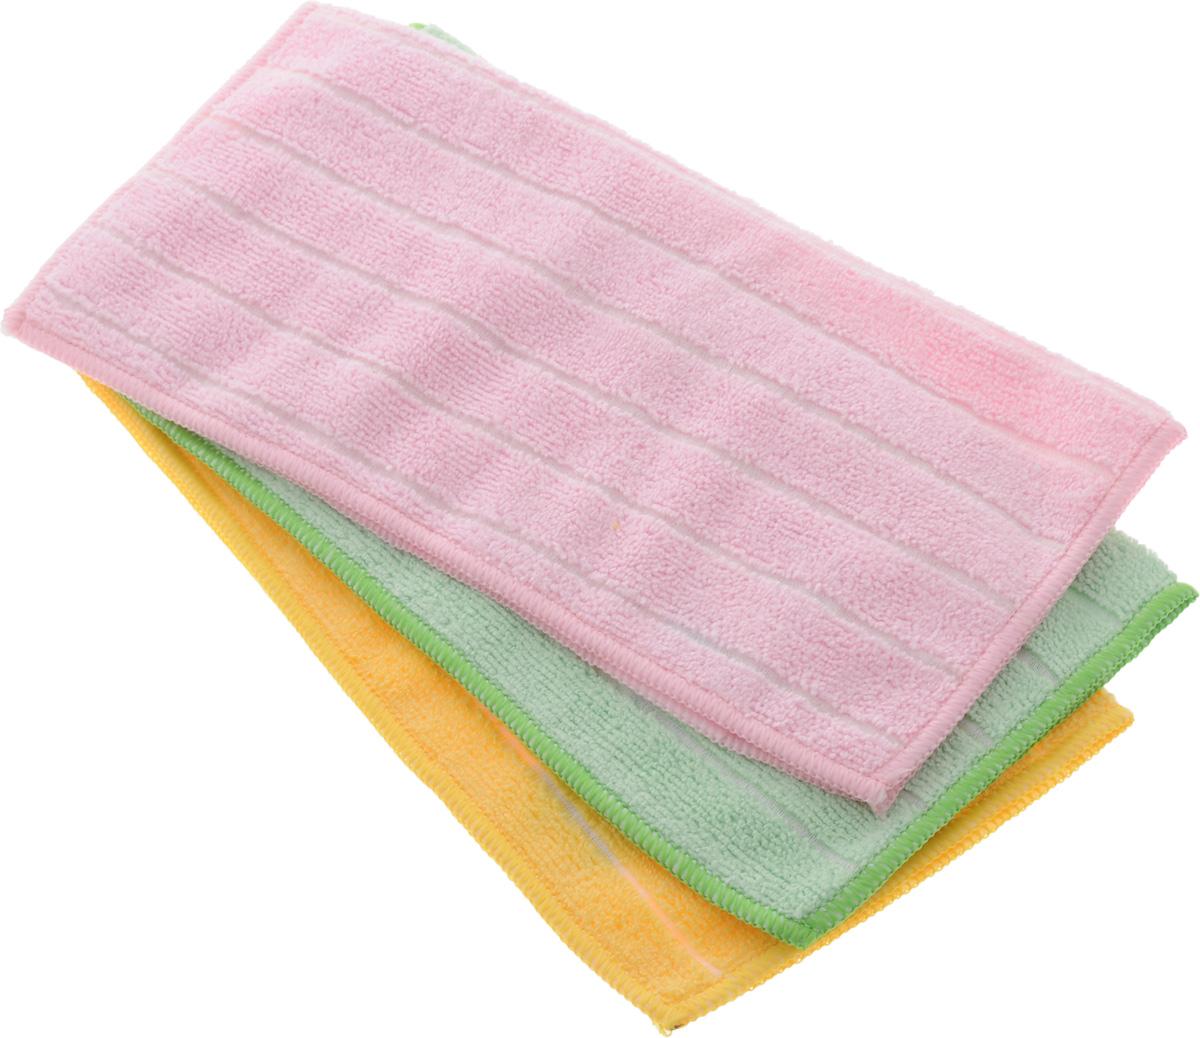 Салфетка универсальная Soavita Однотонные, 30 х 30 см, 3 шт51633Набор Soavita Однотонные состоит из трех салфеток, выполненных из микрофибры (80% полиэстер и 20% полиамид). Изделия отлично впитывают влагу, быстро сохнут, сохраняют яркость цвета и не теряют форму даже после многократных стирок. Салфетки универсальны, очень практичны и неприхотливы в уходе.